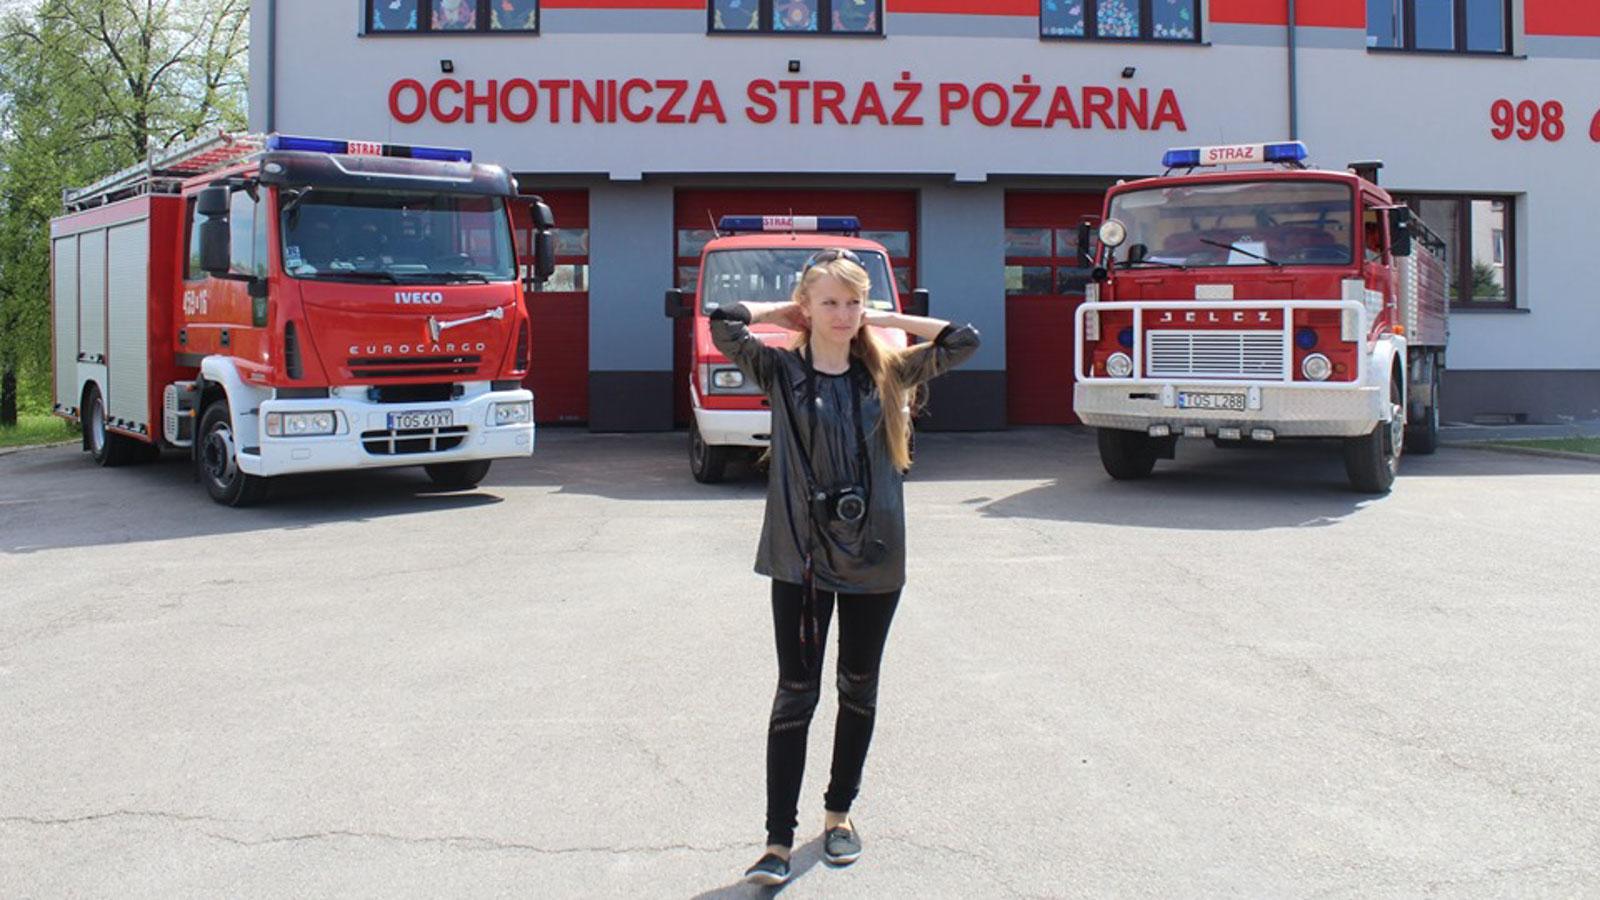 Emilia Chyża To Jedyna W Polsce Strażacka Poetka Każdy Z